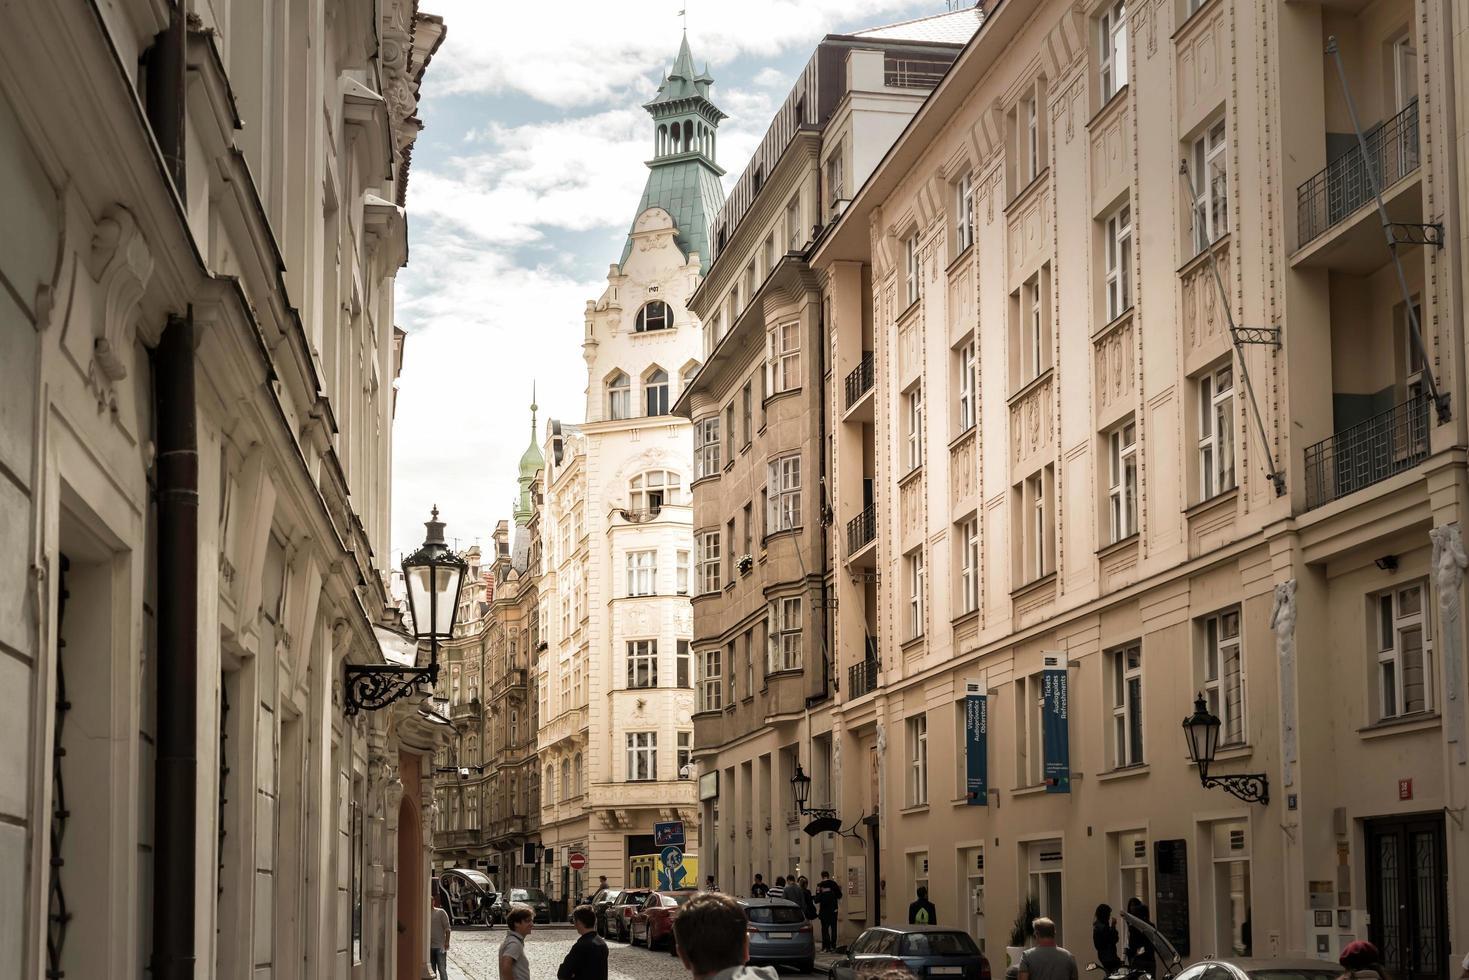 Prague, République tchèque 2016 - rue maiselova au quartier juif photo